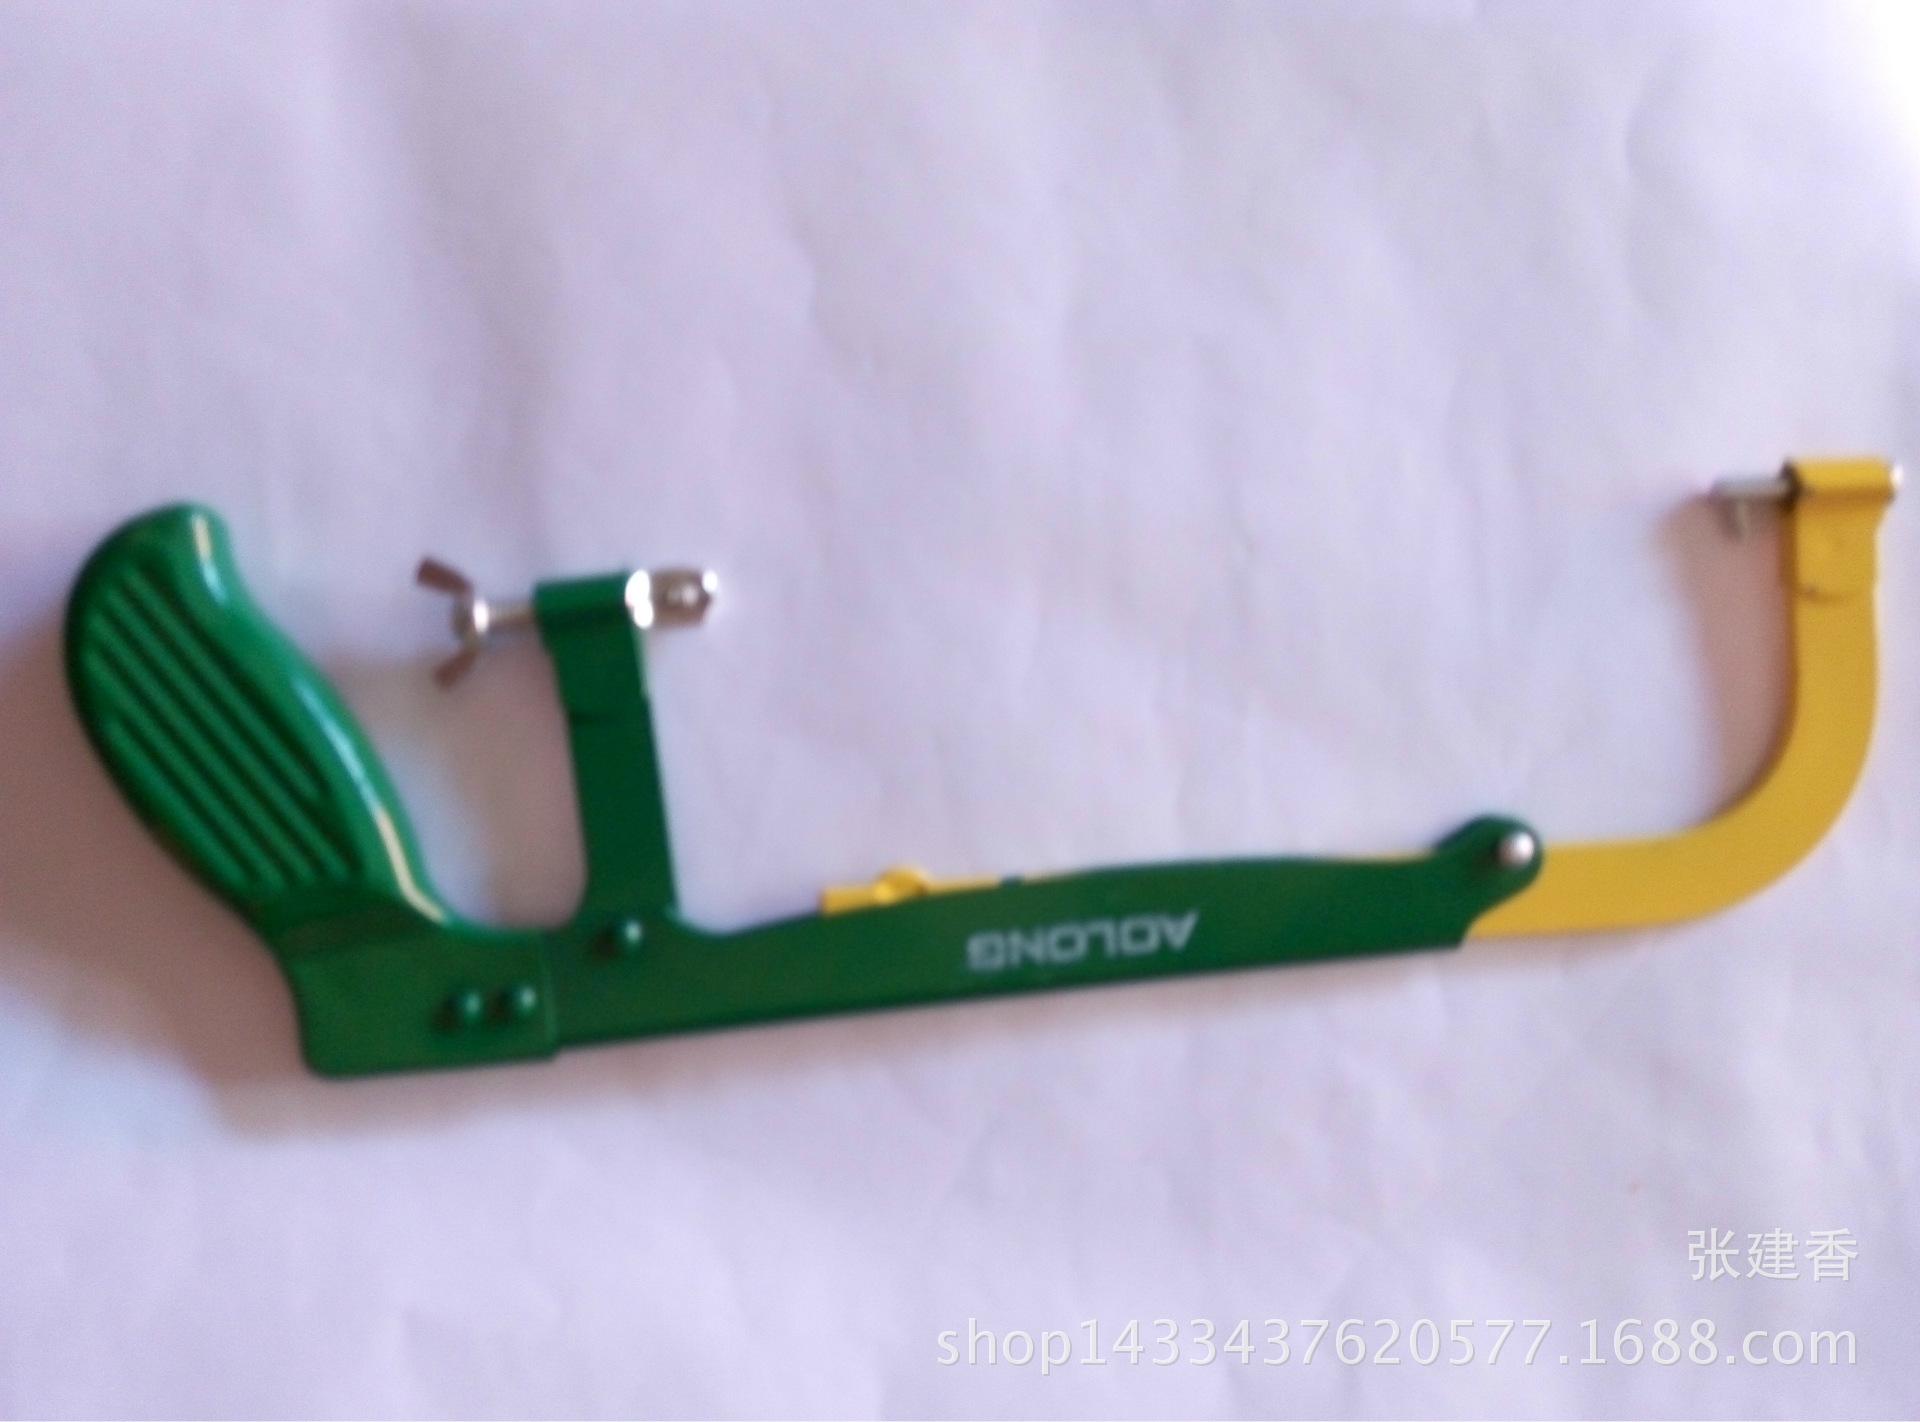 厂价批发供应可调式喷漆活动锯弓 钢锯架